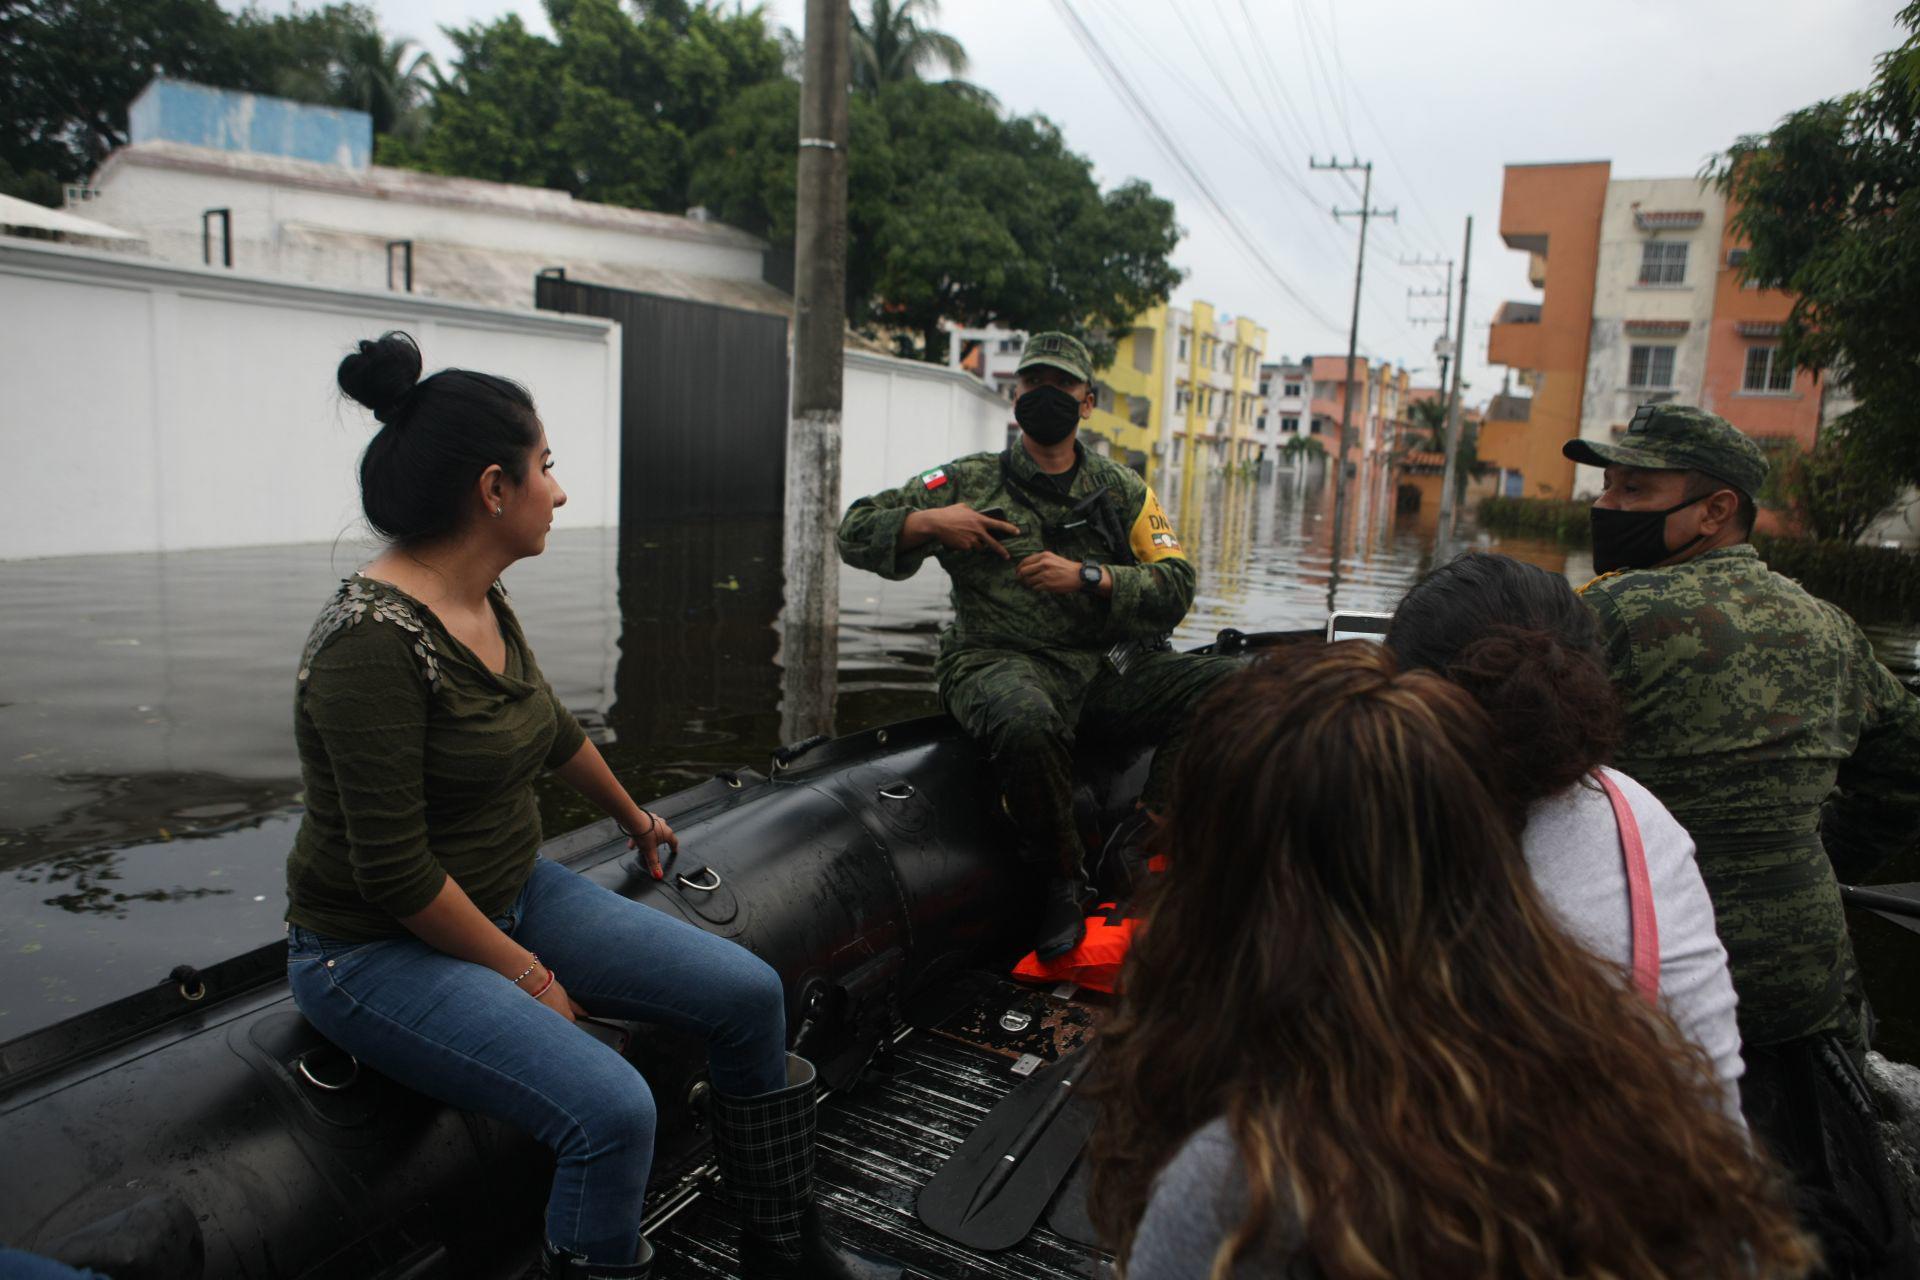 Soldados de la compañía Buzos de Combate de Fuerzas Especiales de la SEDENA ayudan a la población de las rancherías Ixtacomitan, Río Viejo y Boqueron, las cuales están inundadas debido a las lluvias de los últimos días.